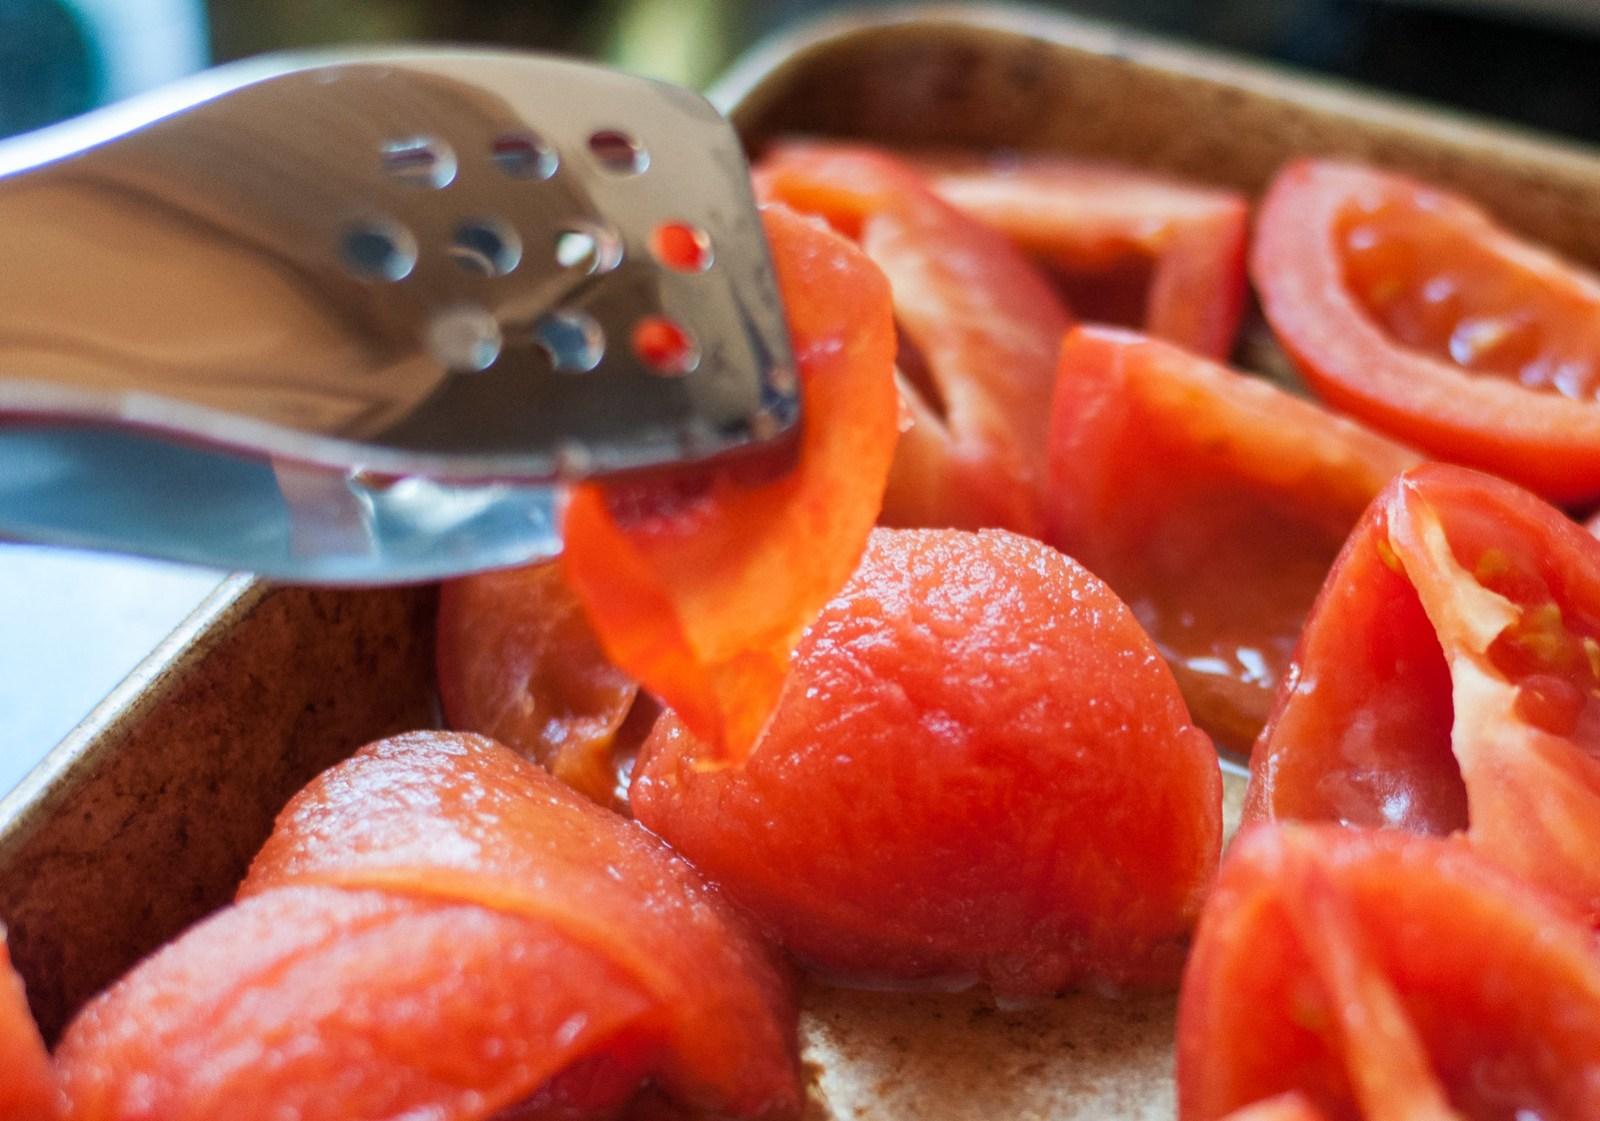 Peeling roasted tomatoes